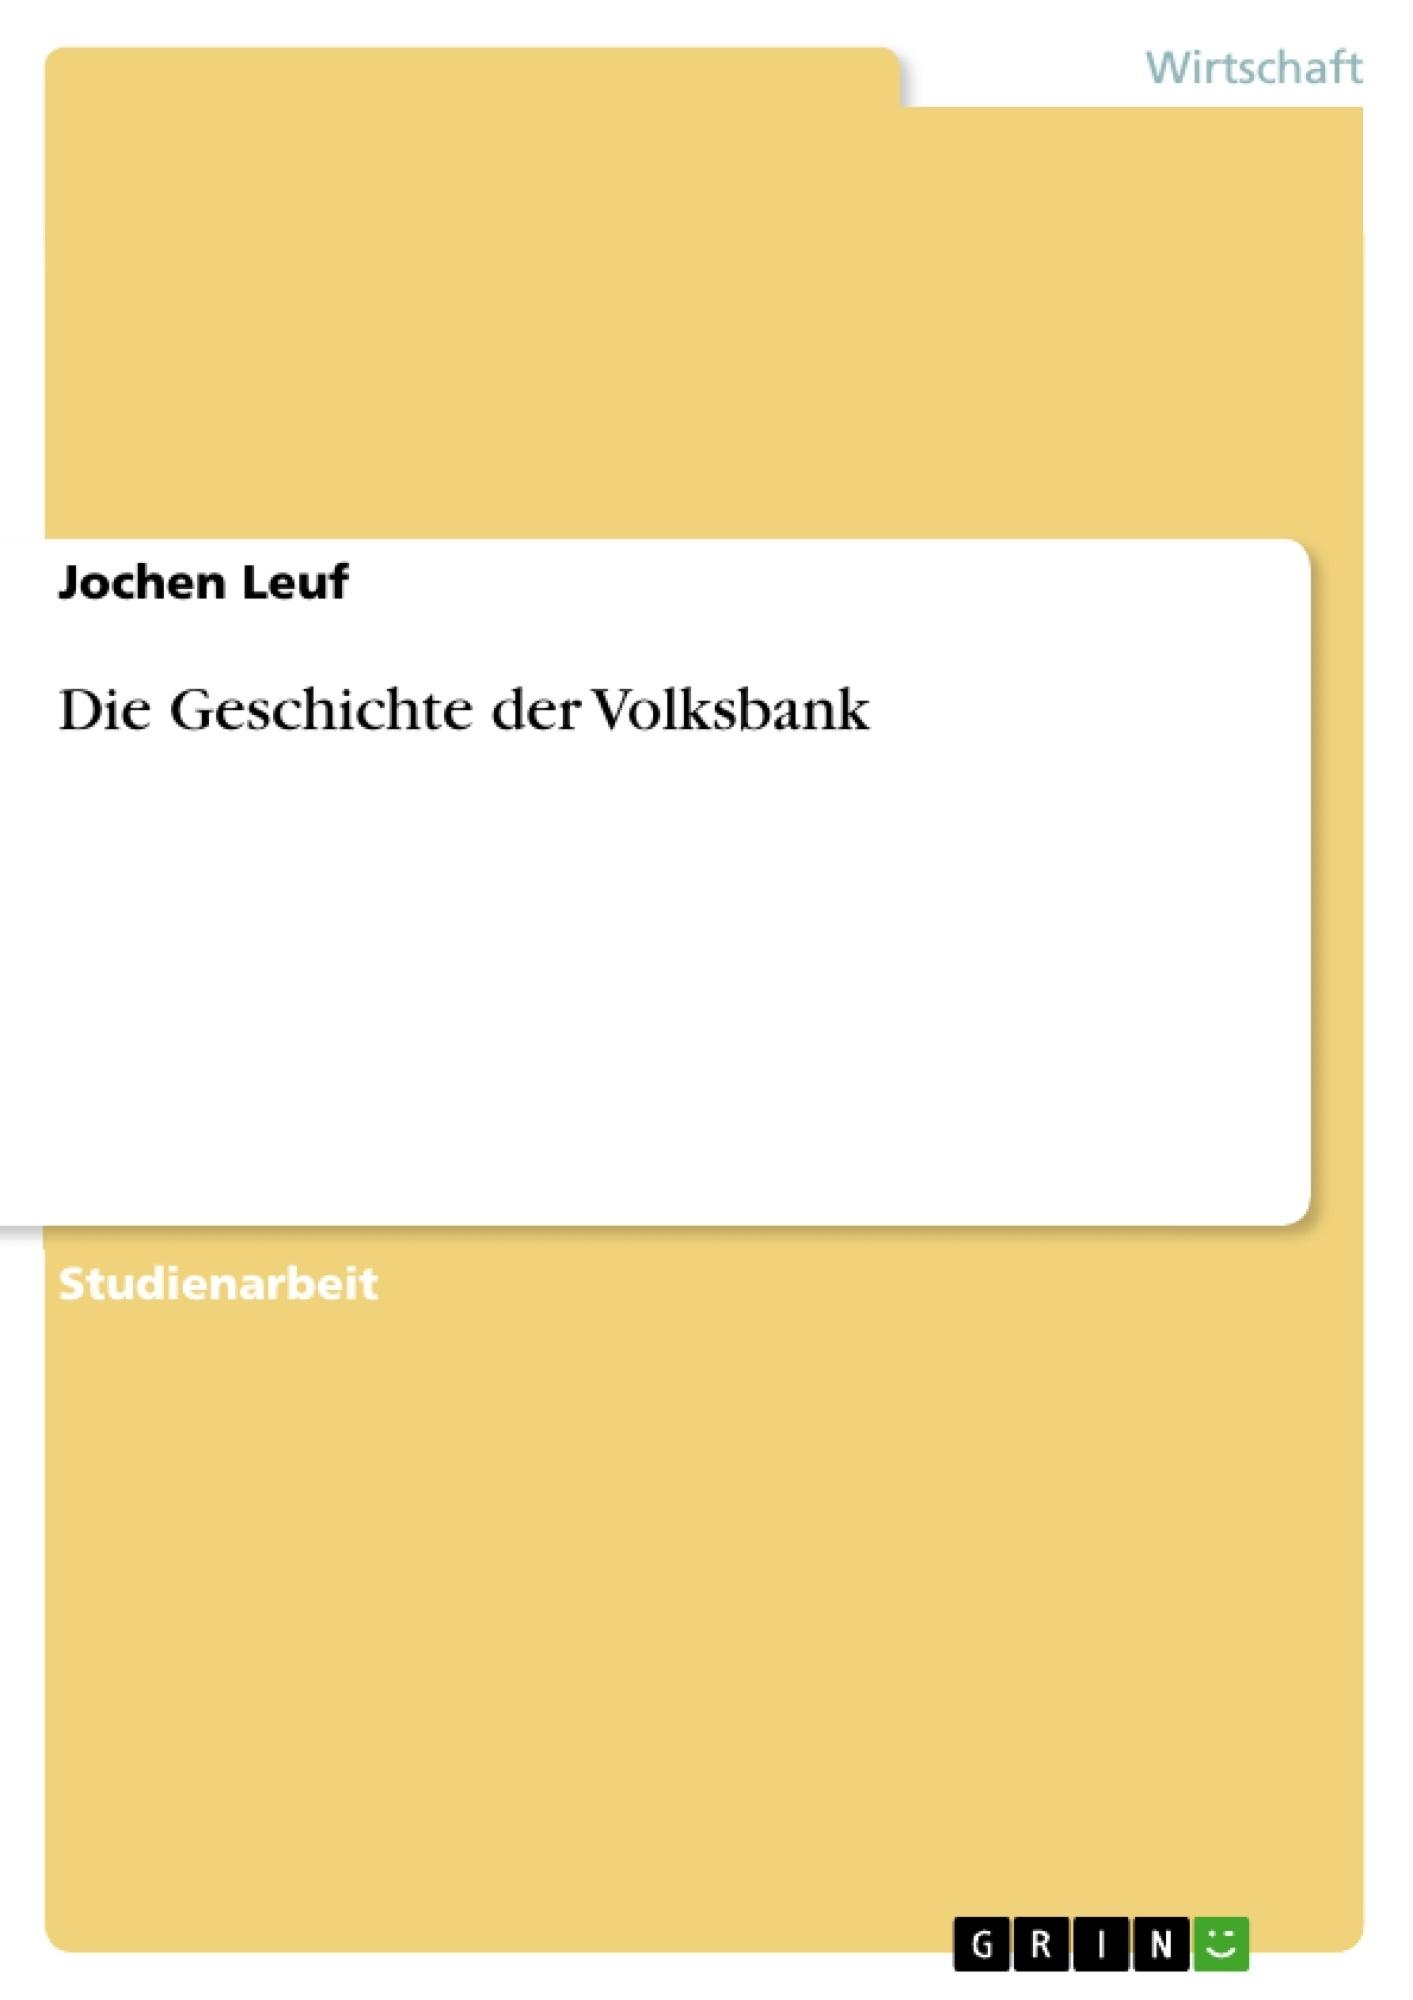 Titel: Die Geschichte der Volksbank